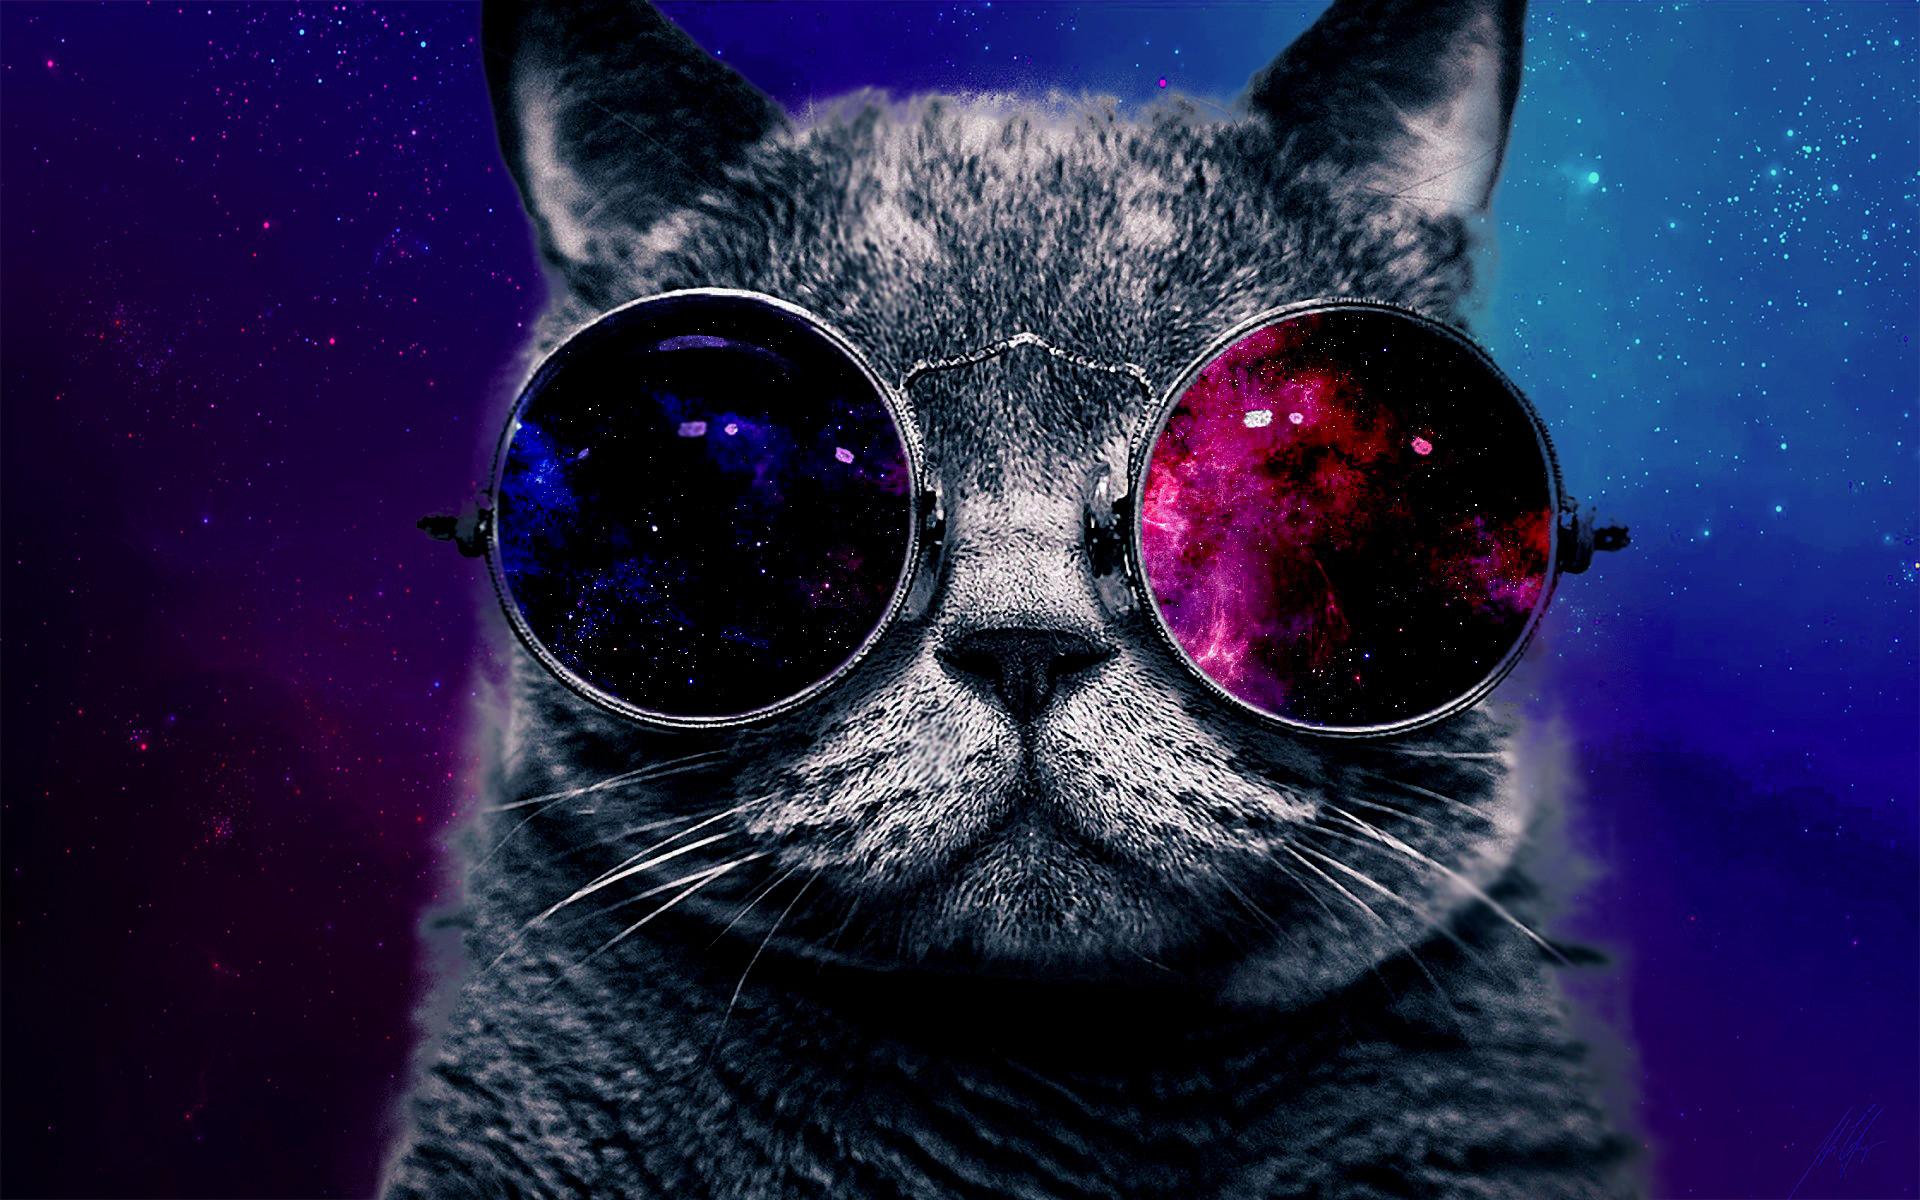 обои на рабочий стол кот в очках всего многообразия